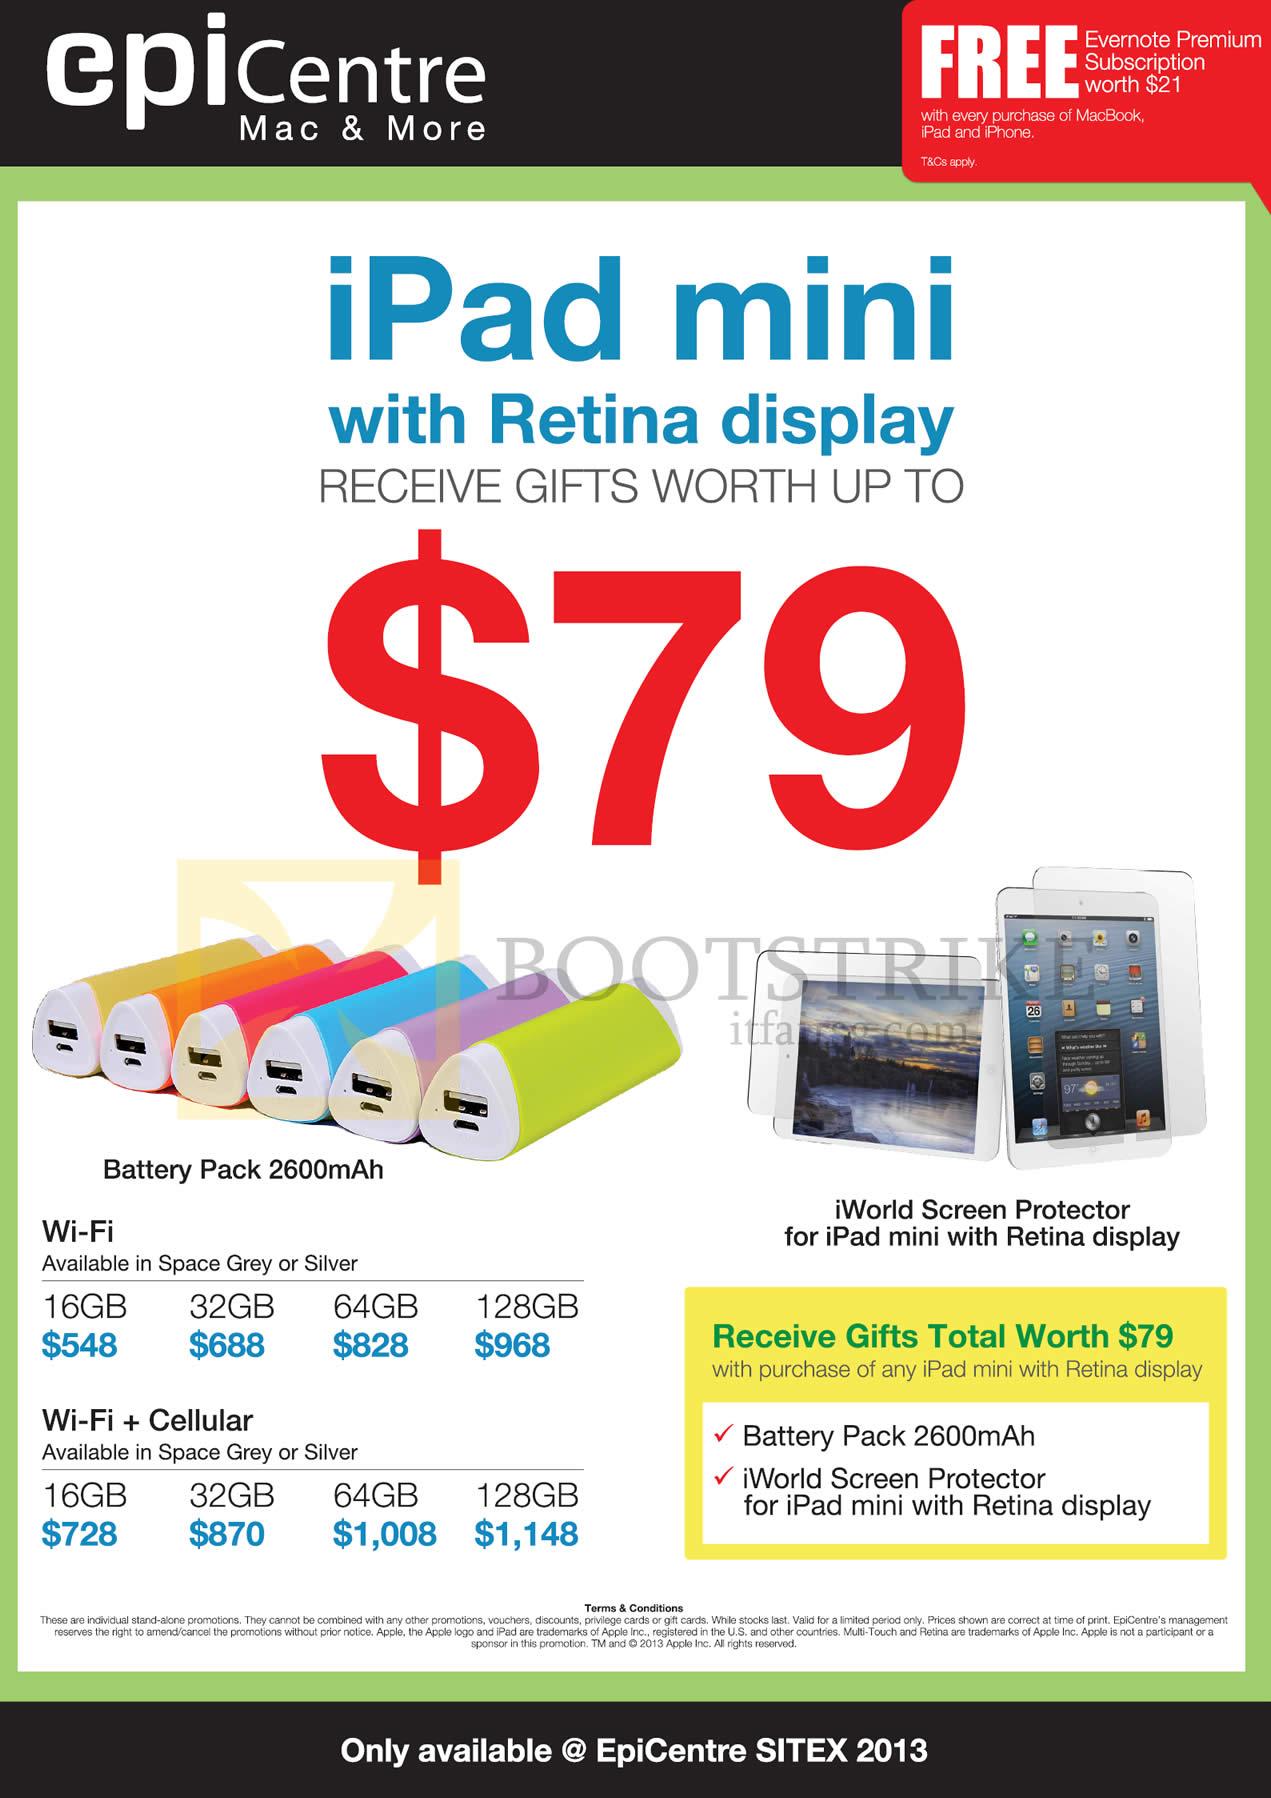 SITEX 2013 price list image brochure of EpiCentre Apple IPad Mini With Retina Display, IPad Mini 2, Wi-Fi, Cellular, Free Gifts, 16GB 32GB 64GB 128GB